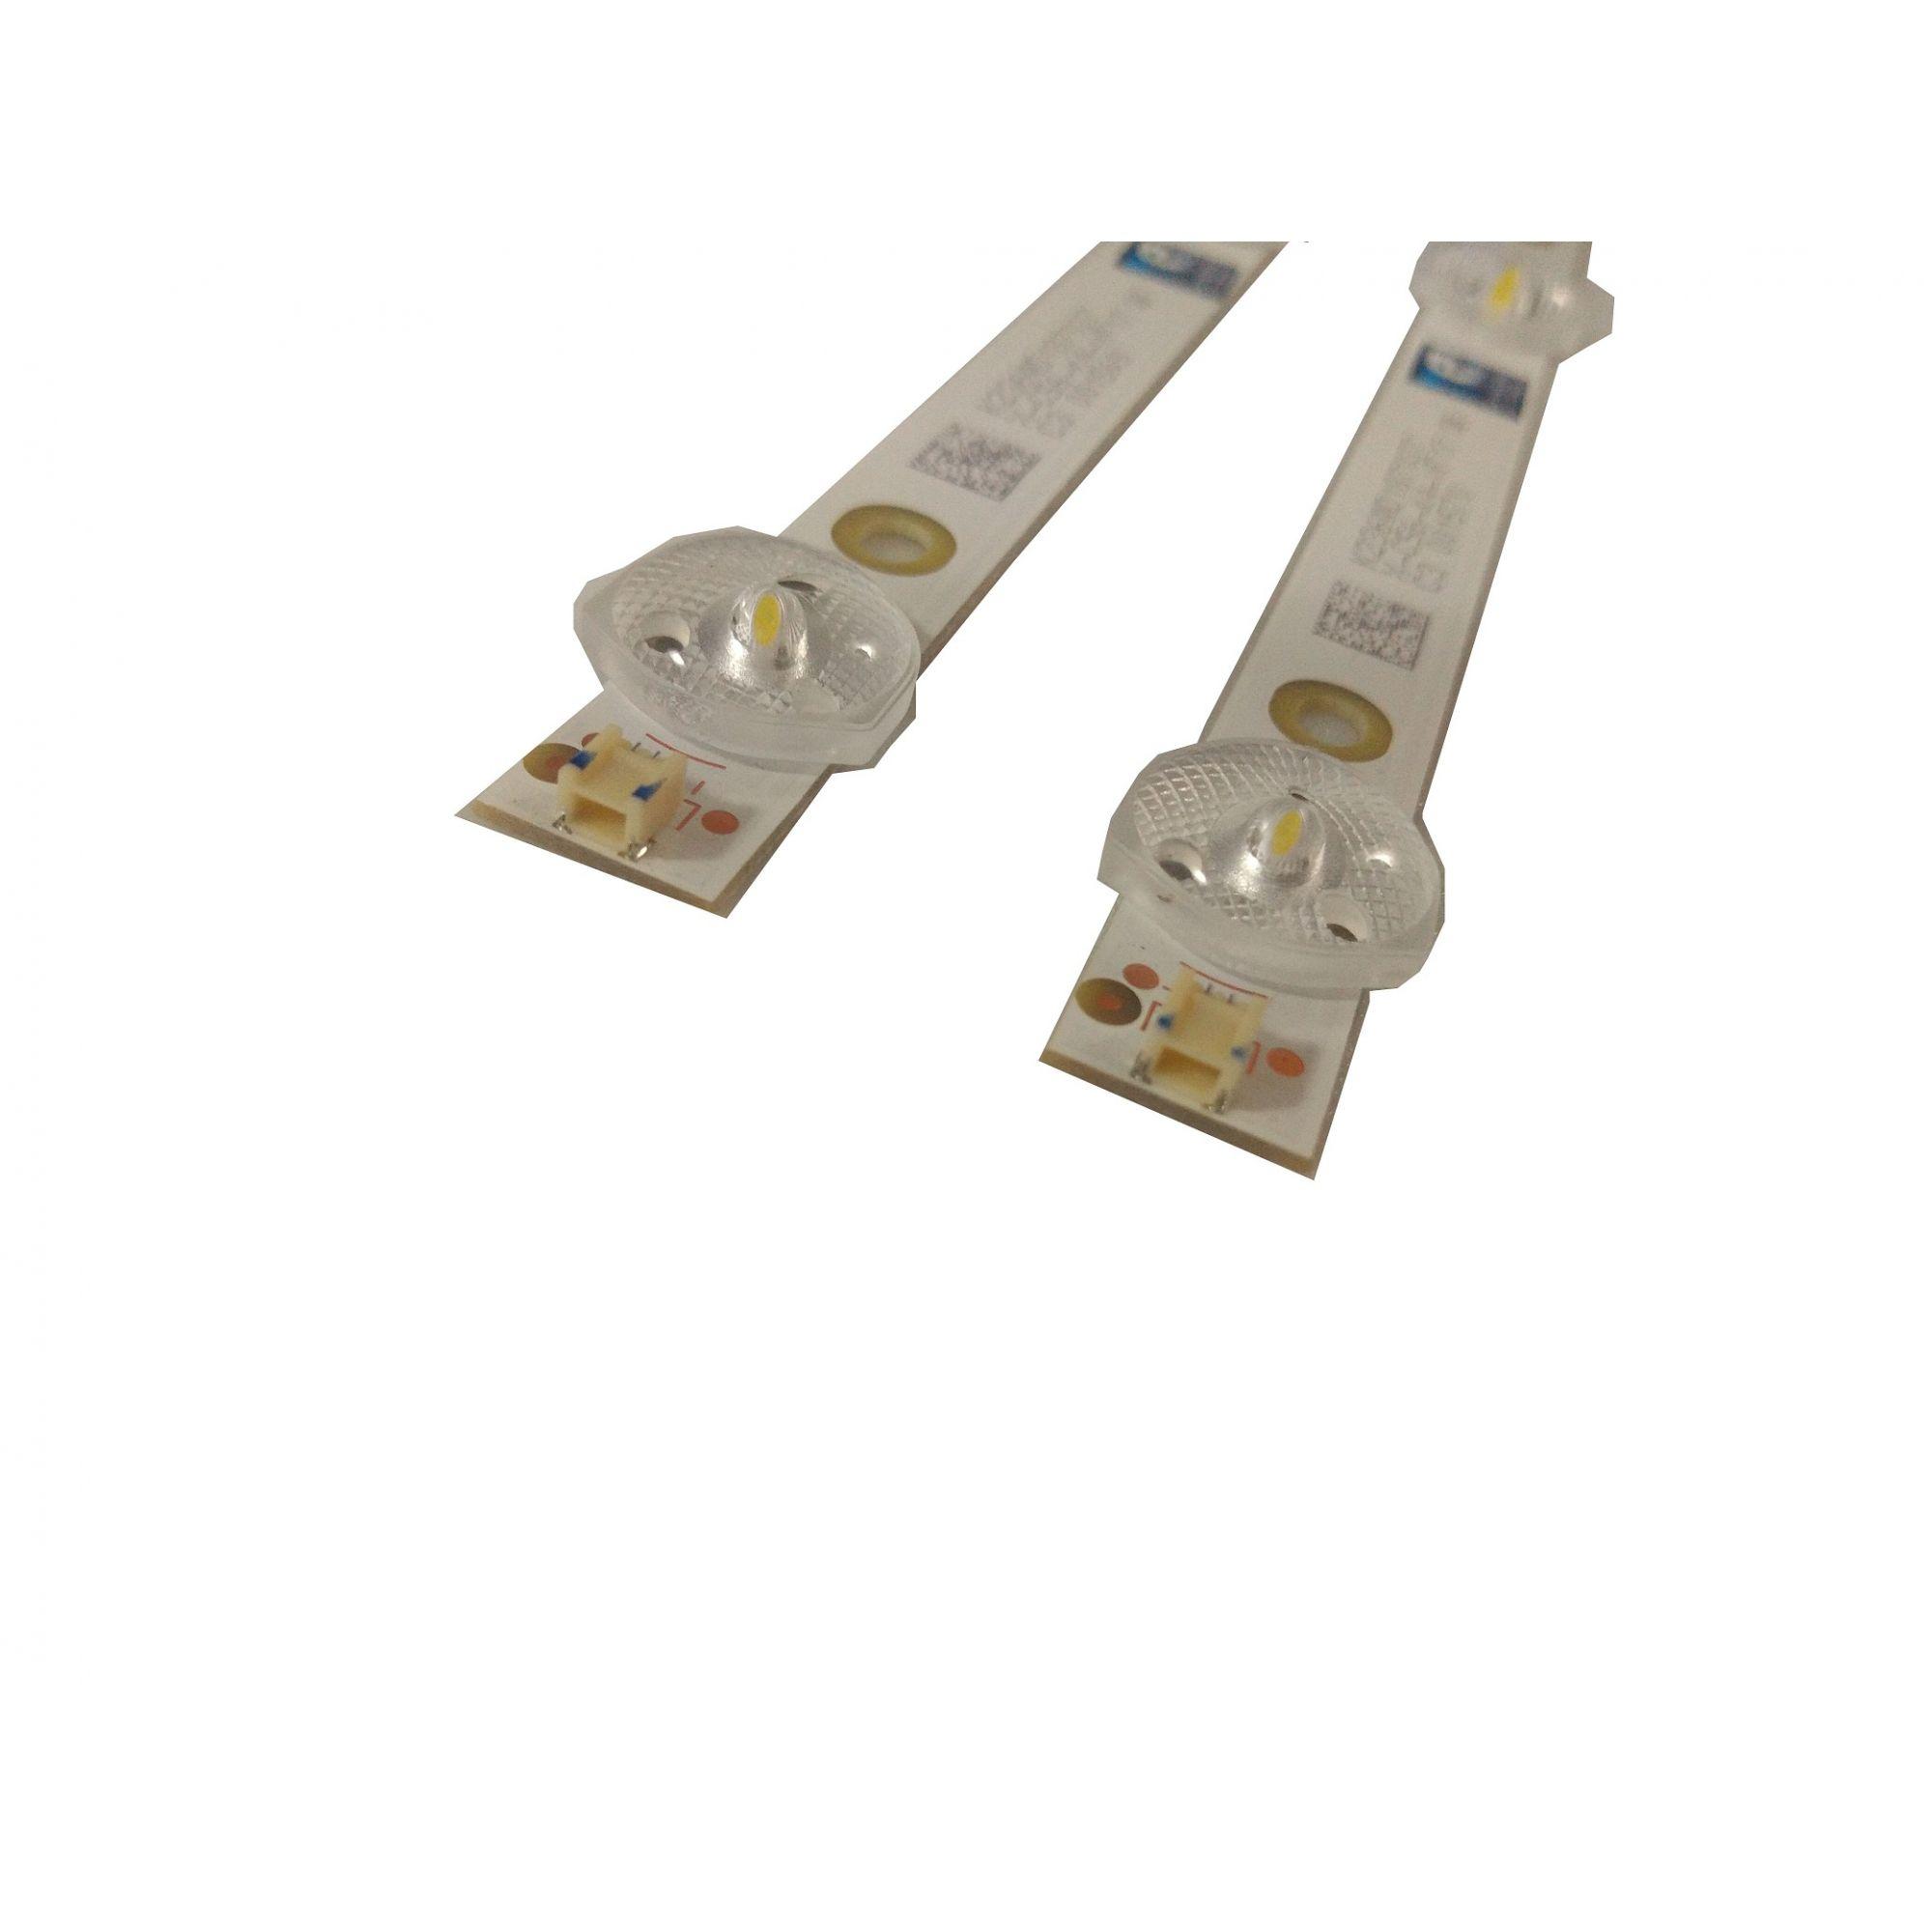 KIT BARRA DE LED AOC LE24M1475/25 4708-K236WD-A1213K01